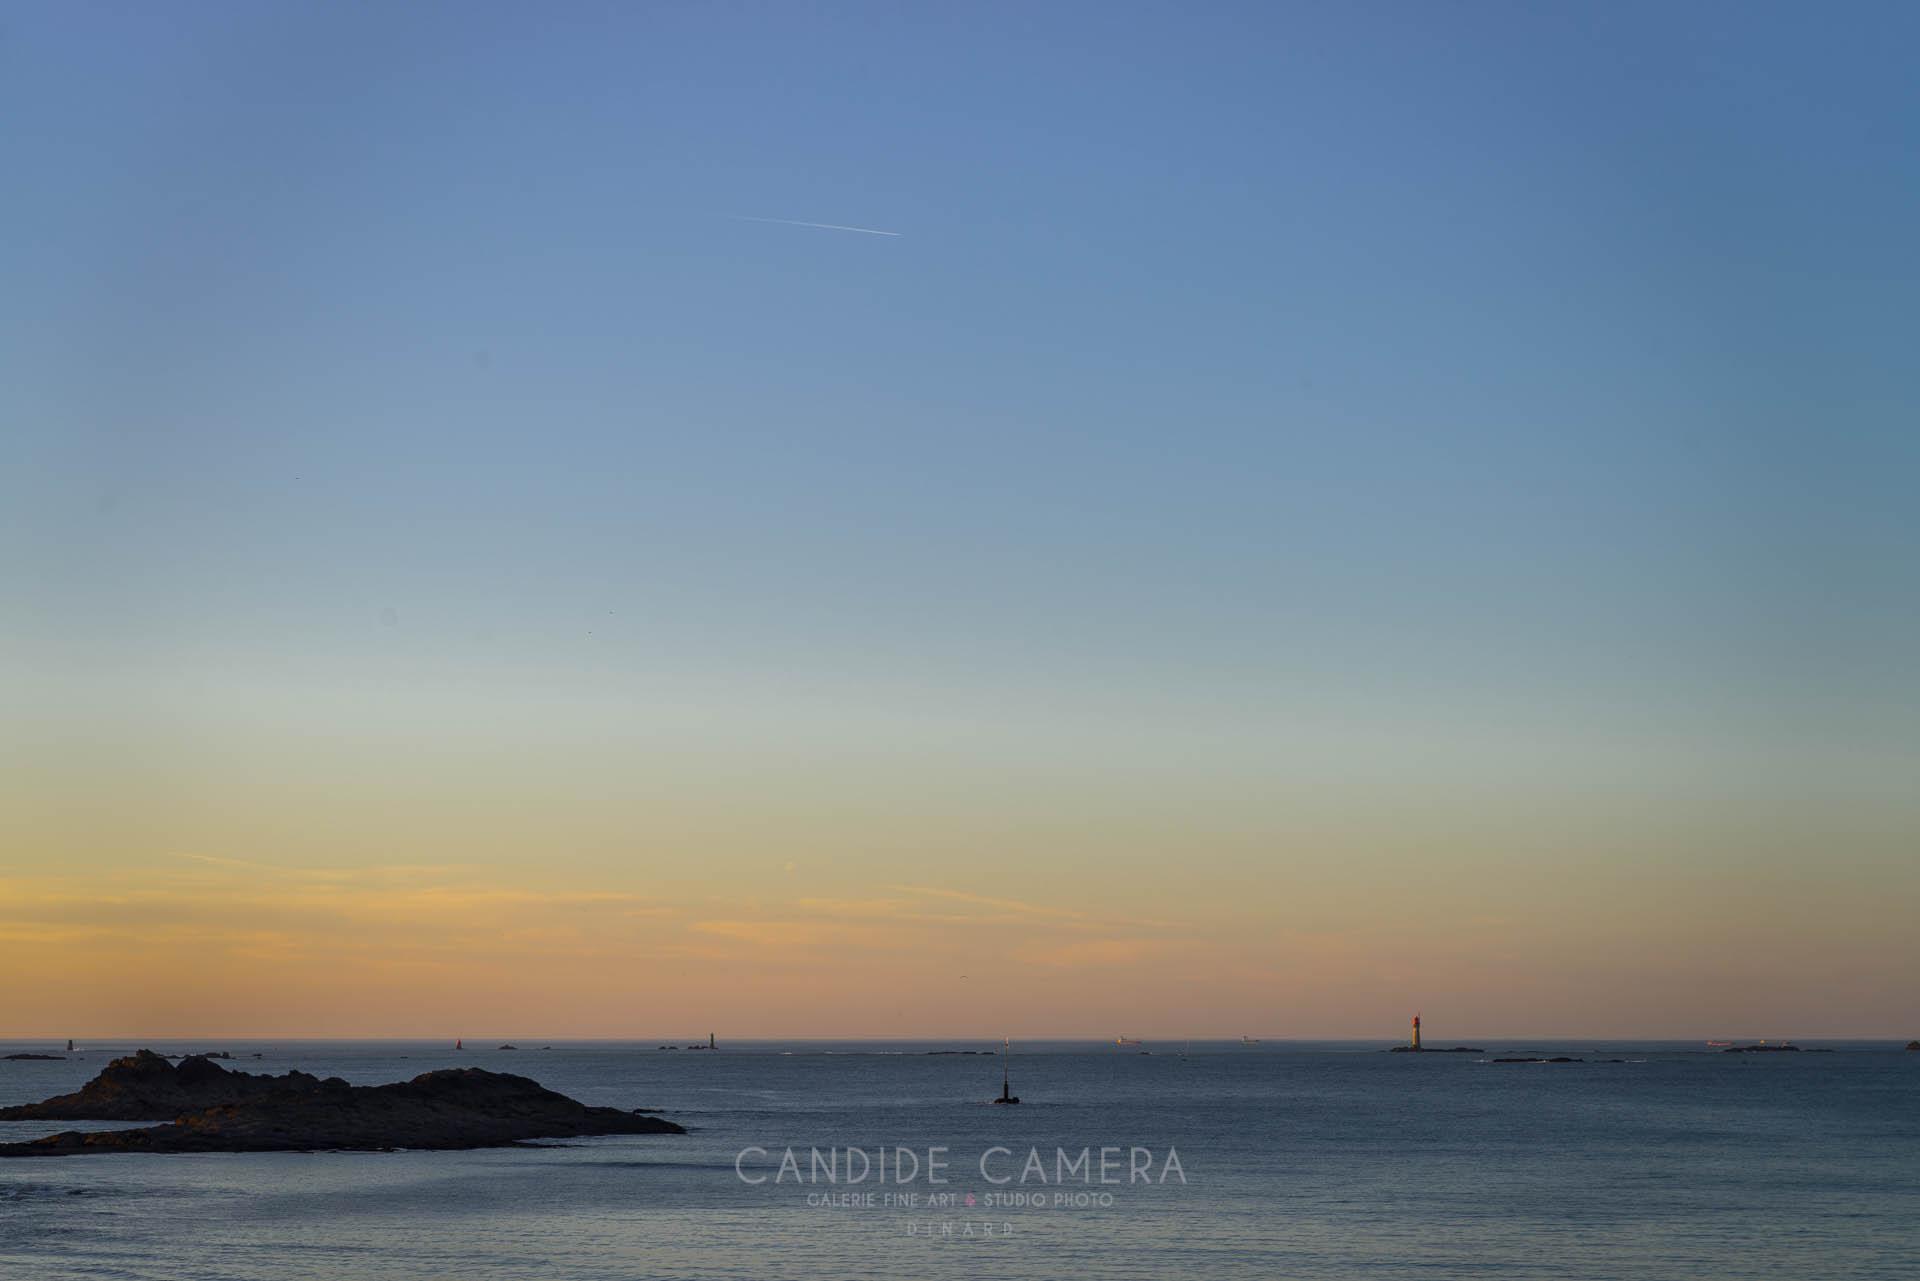 GALERIE_CANDIDE_CAMERA_PHOTOGRAPHE_DINARD_055__BSC0181